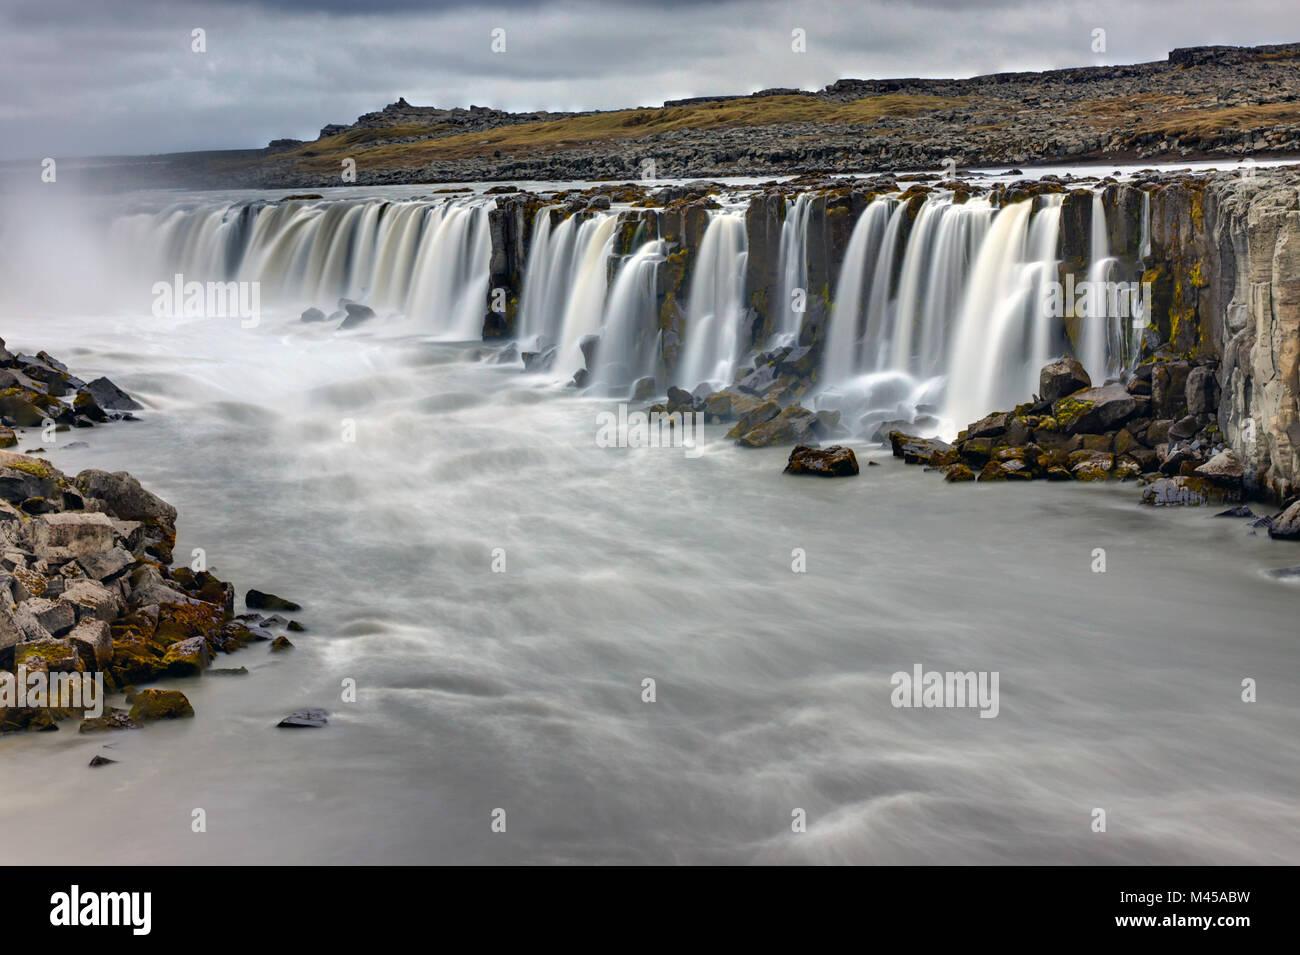 Le puissant Selfoss waterfall en Islande sur un rai Banque D'Images